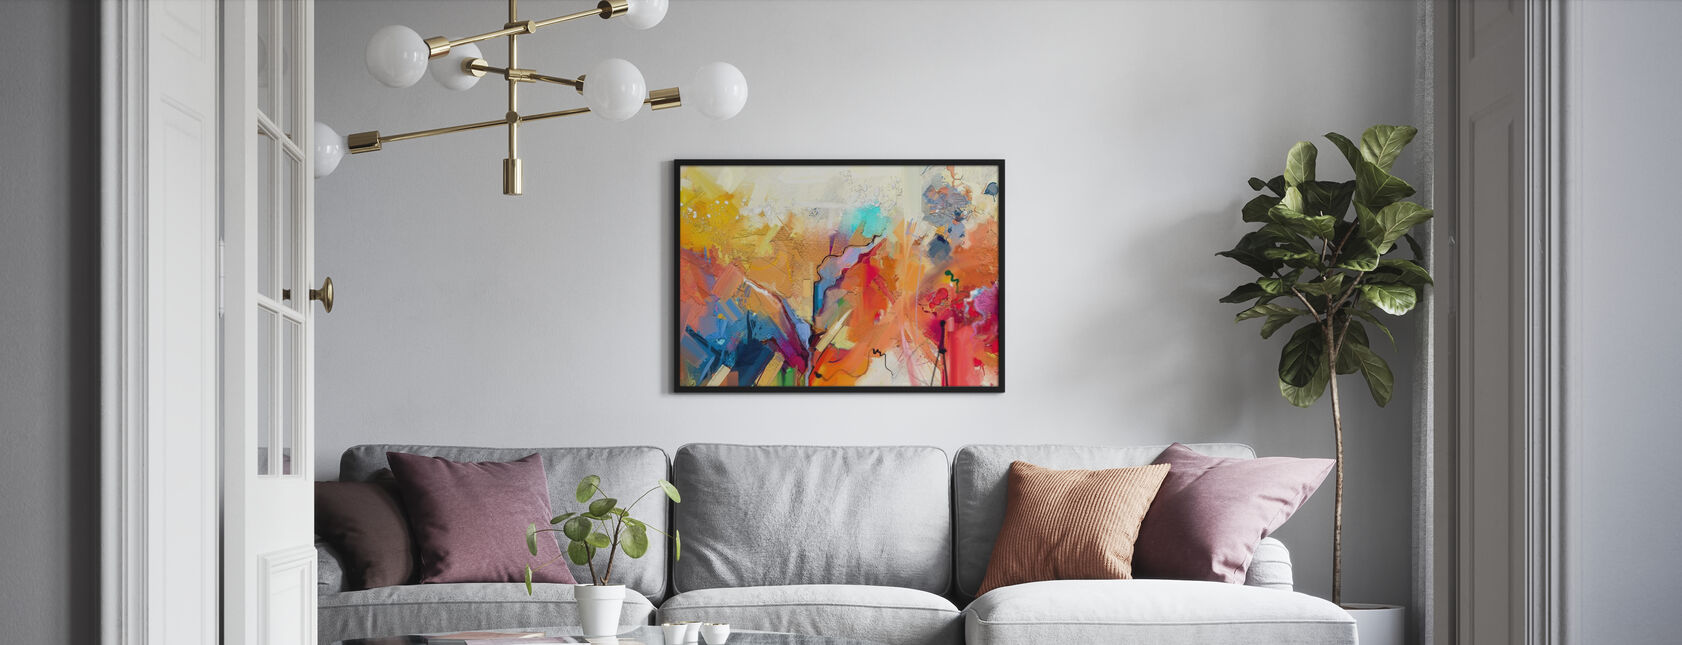 Kleurrijk Abstract Schilderij - Ingelijste print - Woonkamer